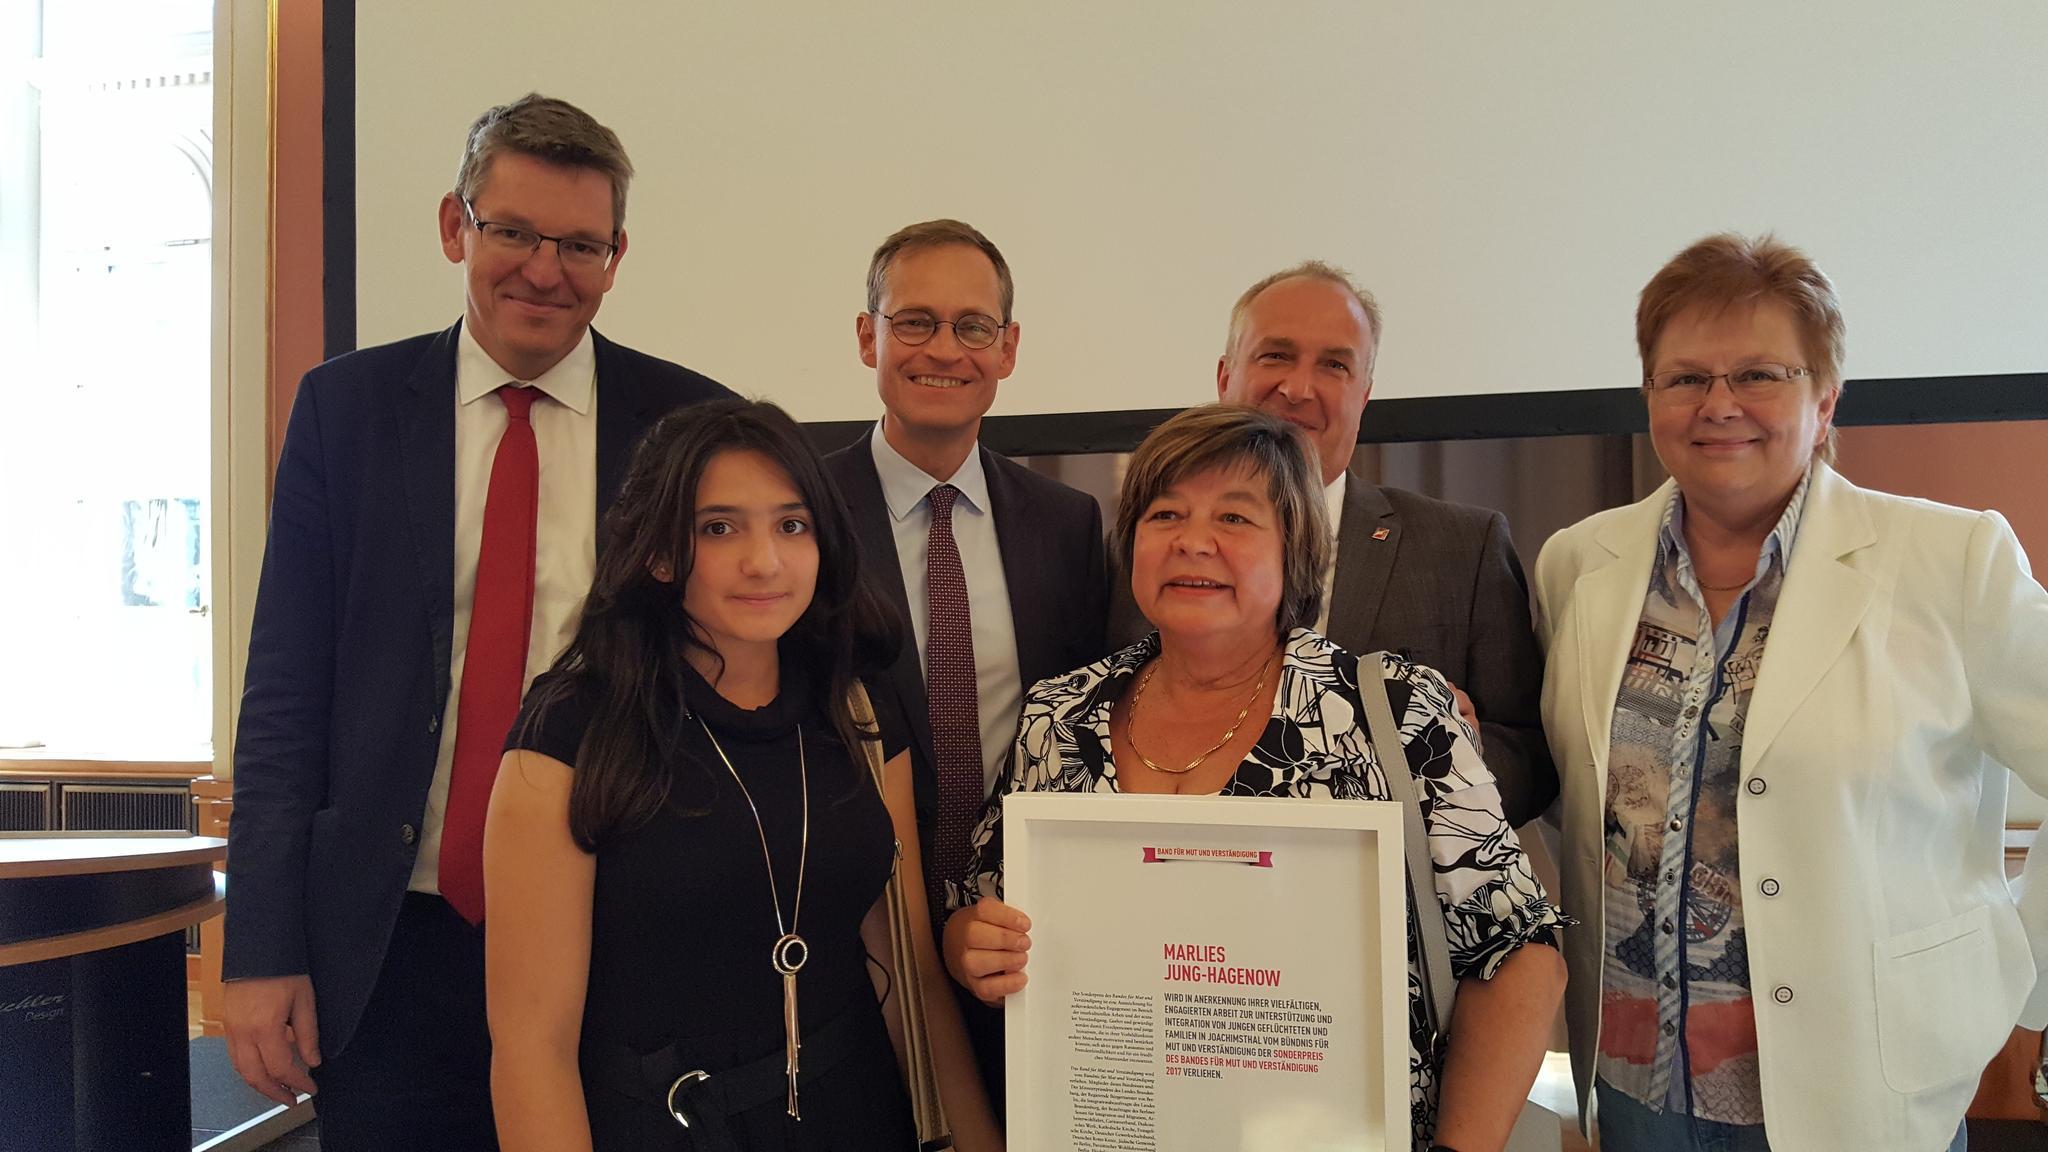 Preisverleih: Michael Müller übergibt Marlies Hagenow das Band für Mut und Versätnd